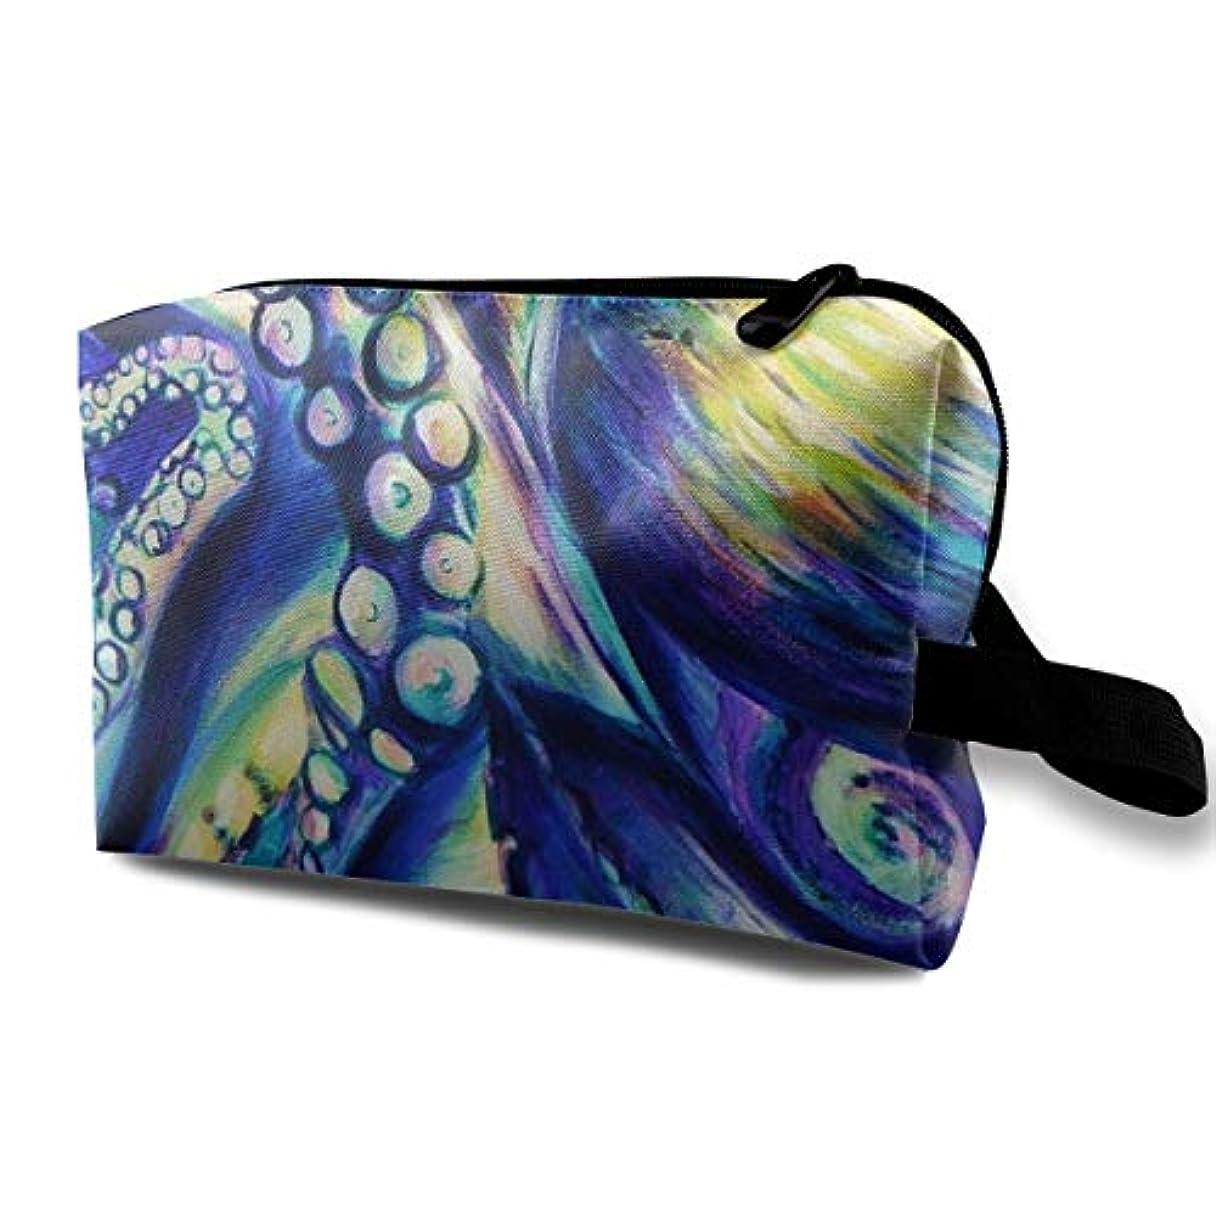 政治家の樹木ベッドGigantic Colossal Octopus Abstract Sea Monster Watercolor 収納ポーチ 化粧ポーチ 大容量 軽量 耐久性 ハンドル付持ち運び便利。入れ 自宅?出張?旅行?アウトドア...